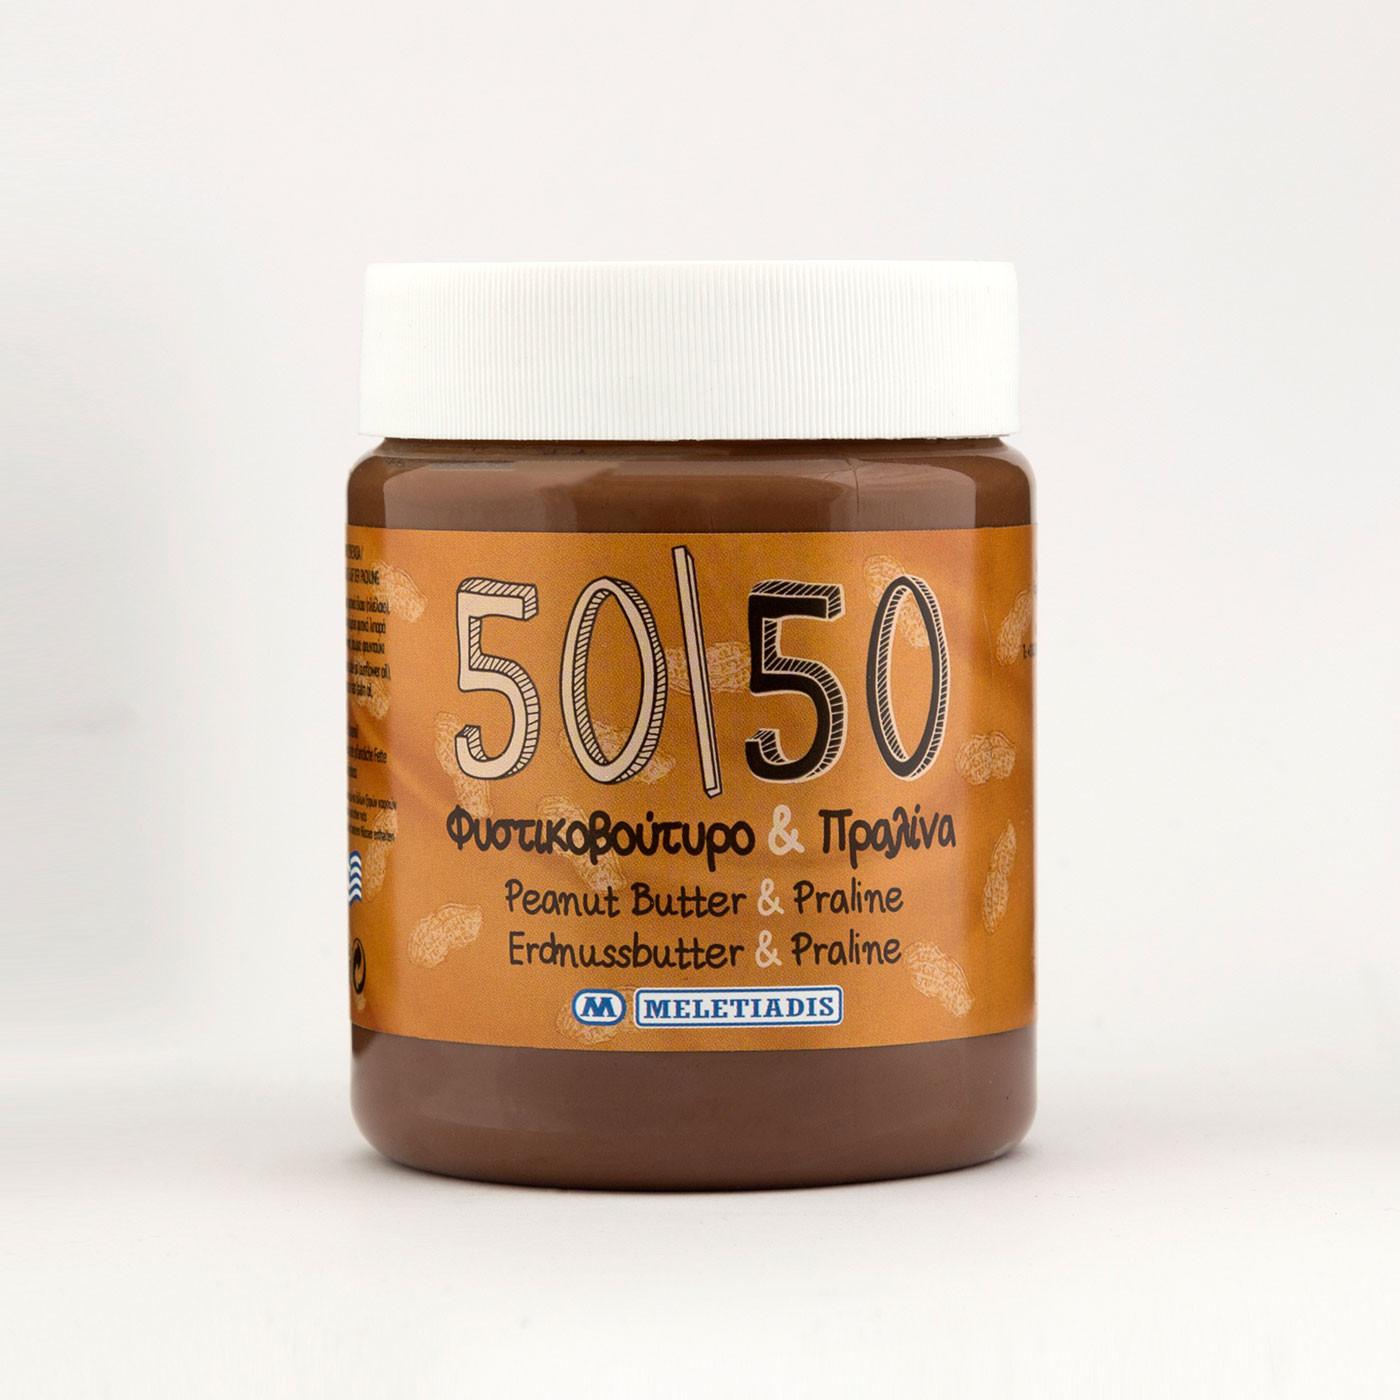 """50/50 Φυστικοβούτυρο & Πραλίνα """"Μελετιάδης"""" 400 g"""